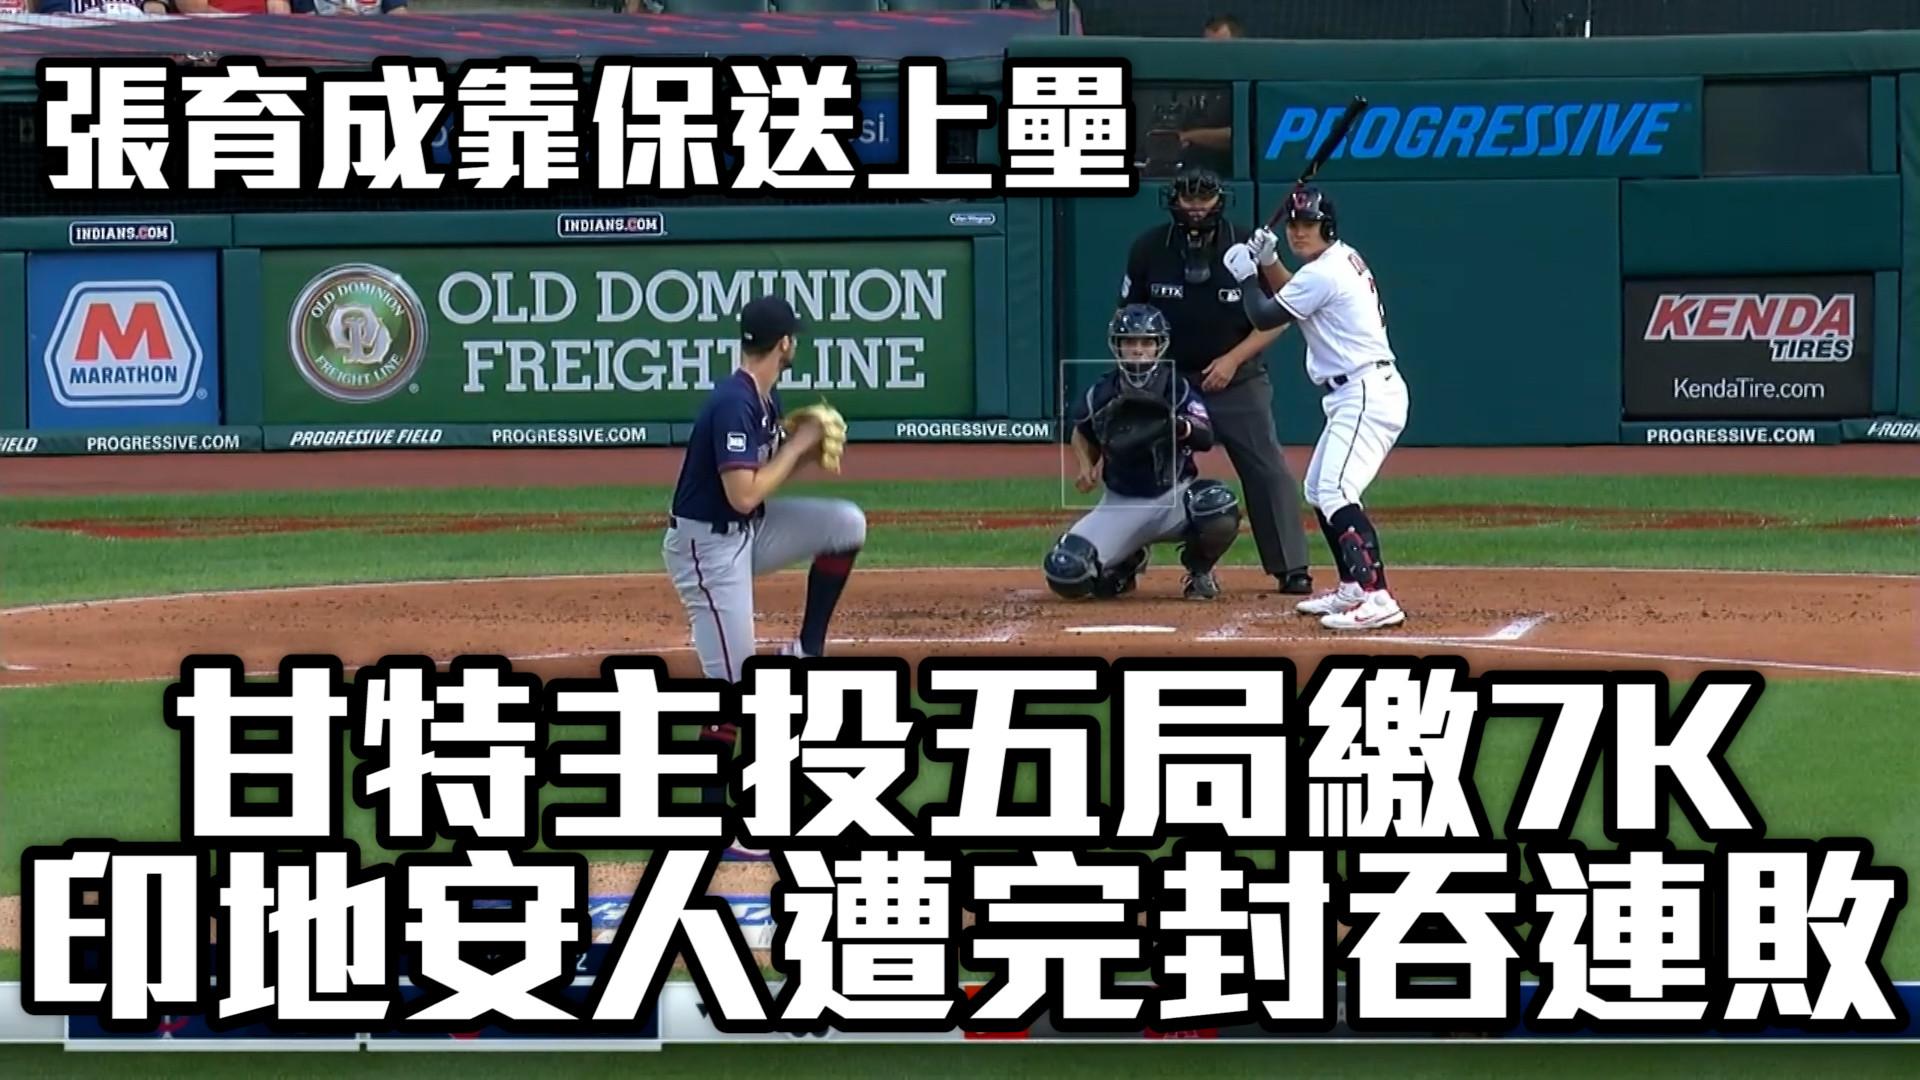 【MLB看愛爾達】甘特五局狂飆7K 印地安人遭完封吞連敗 09/08